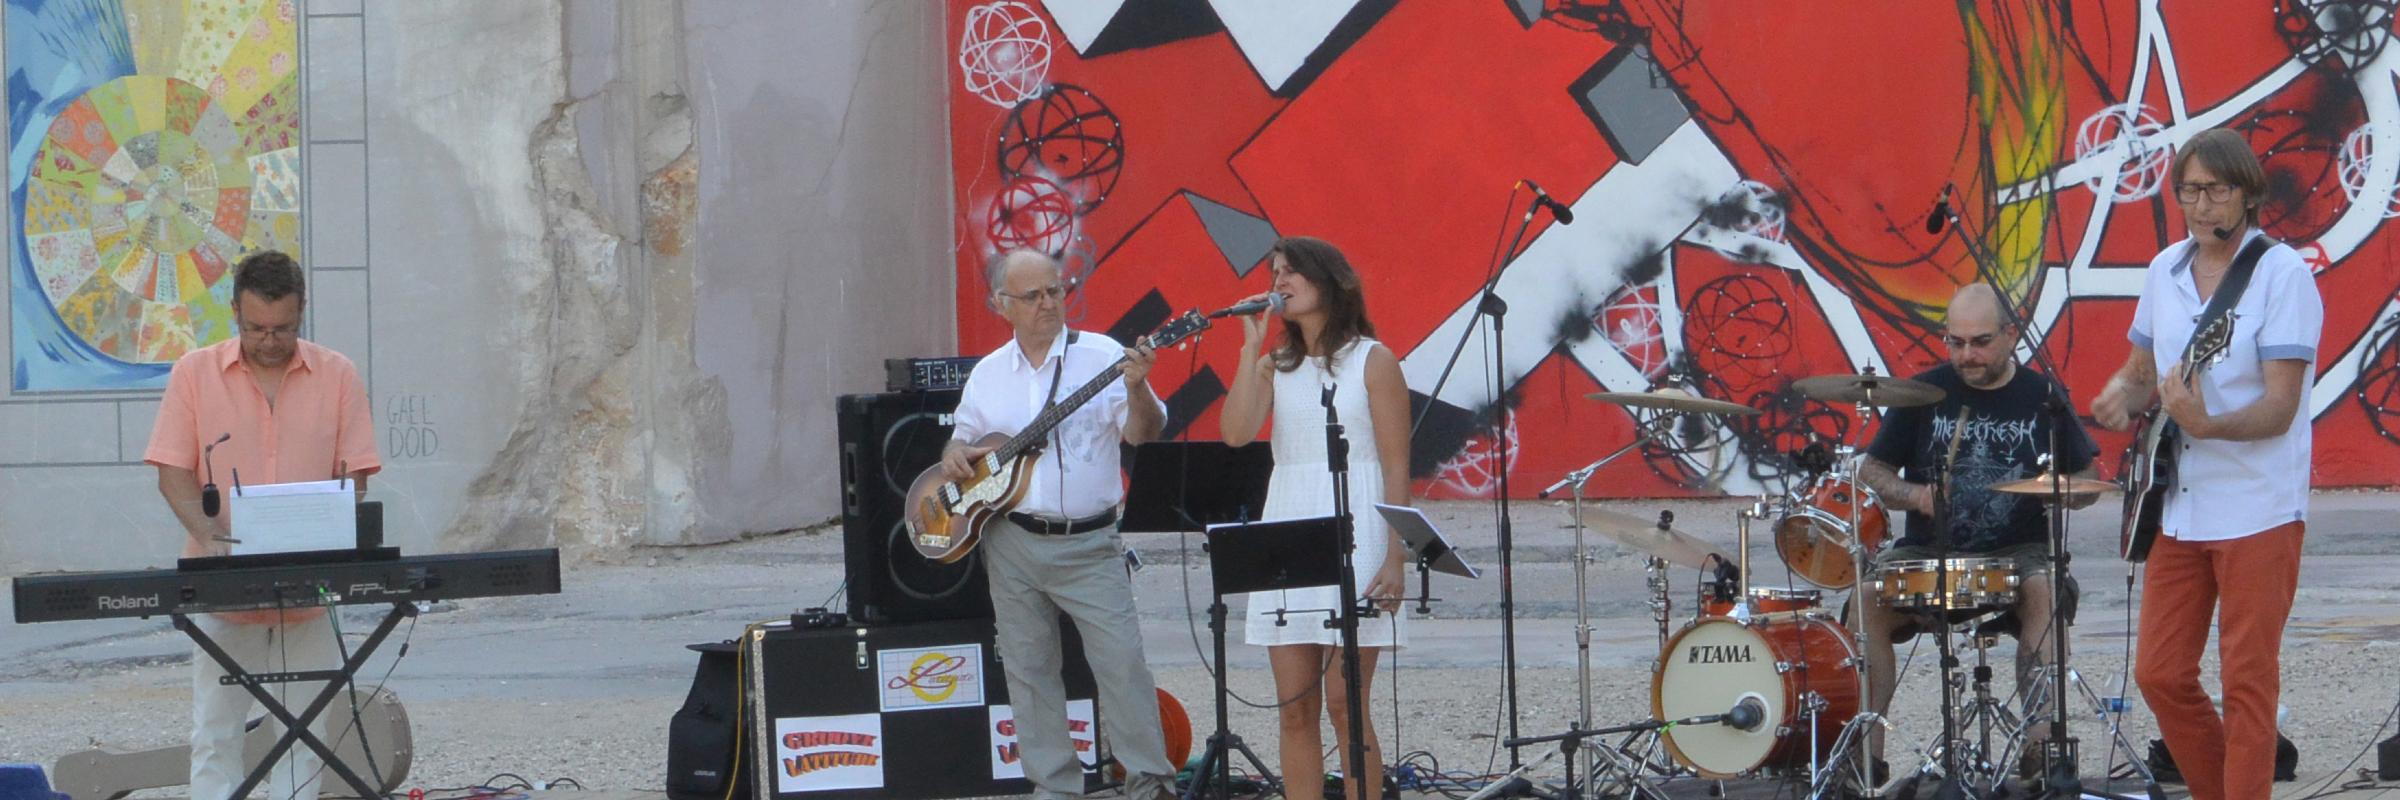 GROOVE LATITUDE, groupe de musique Rock en représentation à Côte d'Or - photo de couverture n° 2